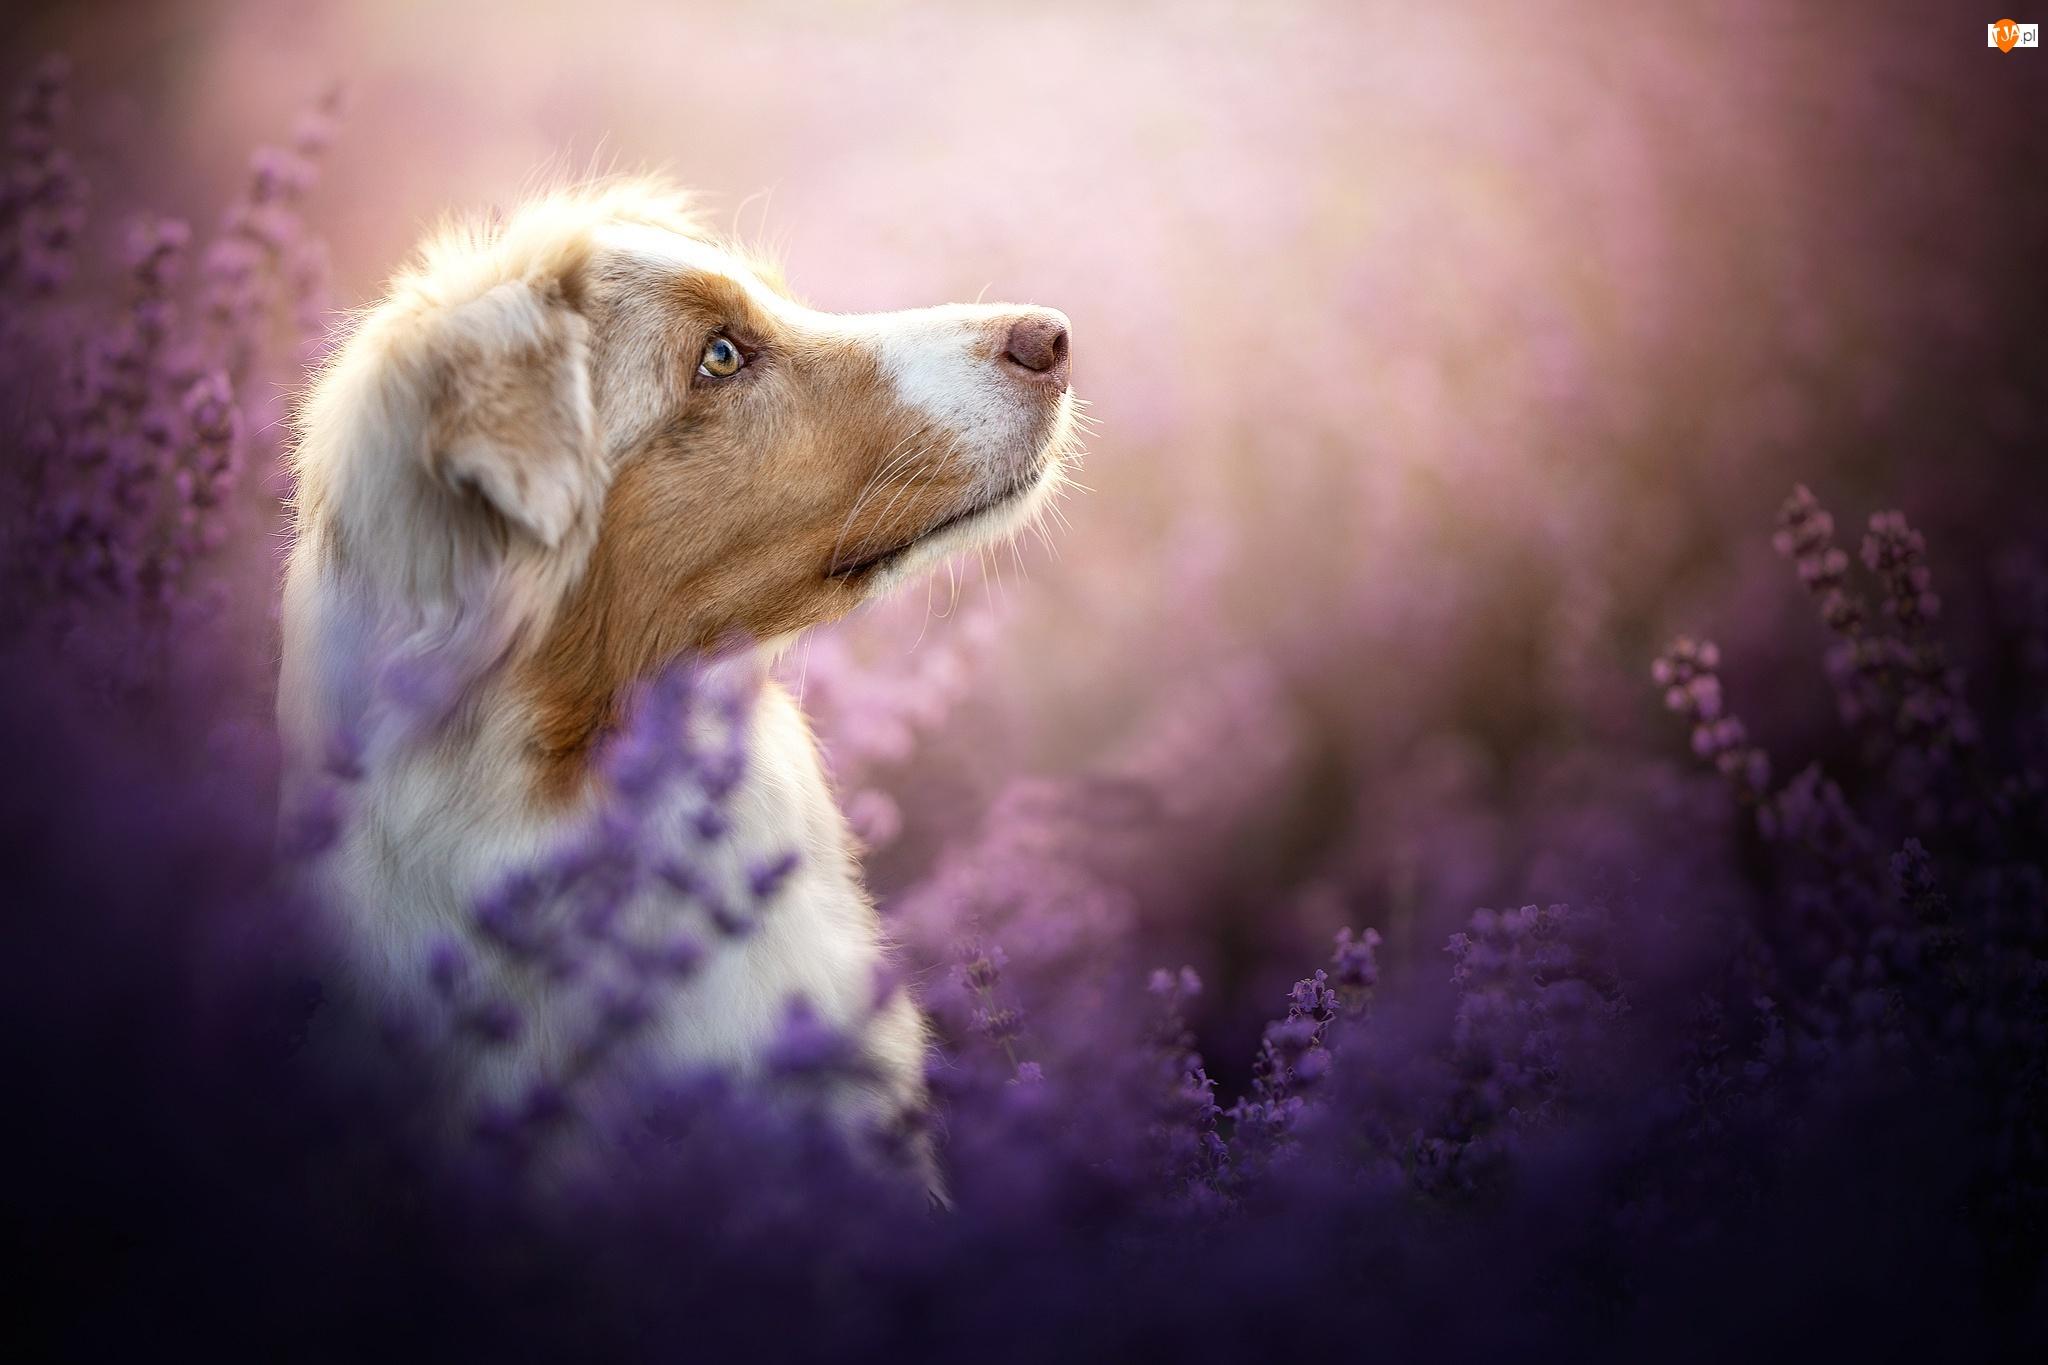 Profil, Pies, Owczarek australijski